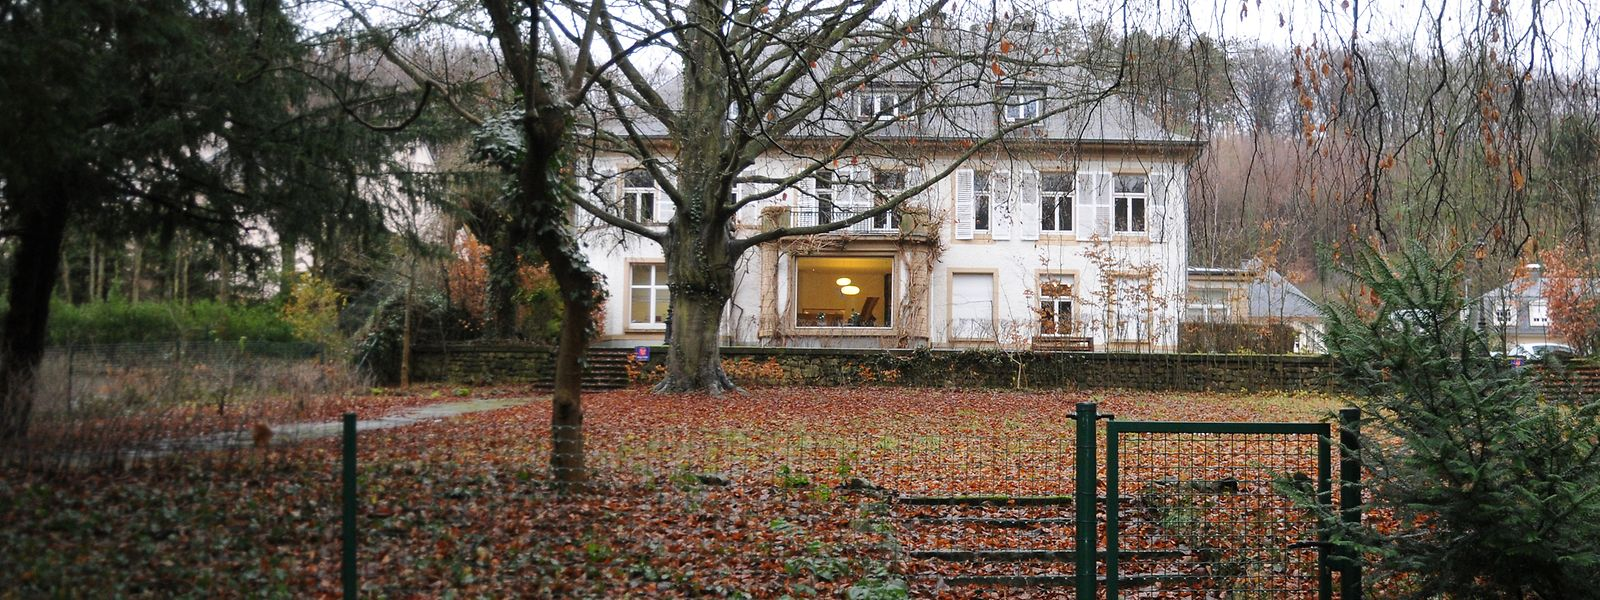 Die Täter lockten ihre Opfer in das Gebäude einer Treuhandgesellschaft in Luxemburg-Mühlenbach.